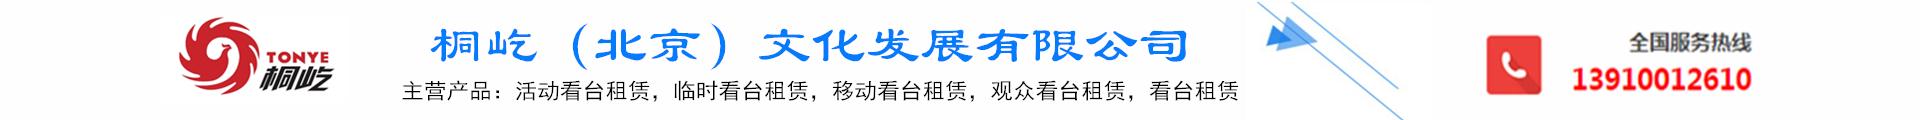 桐屹(北京)文化發展有限公司